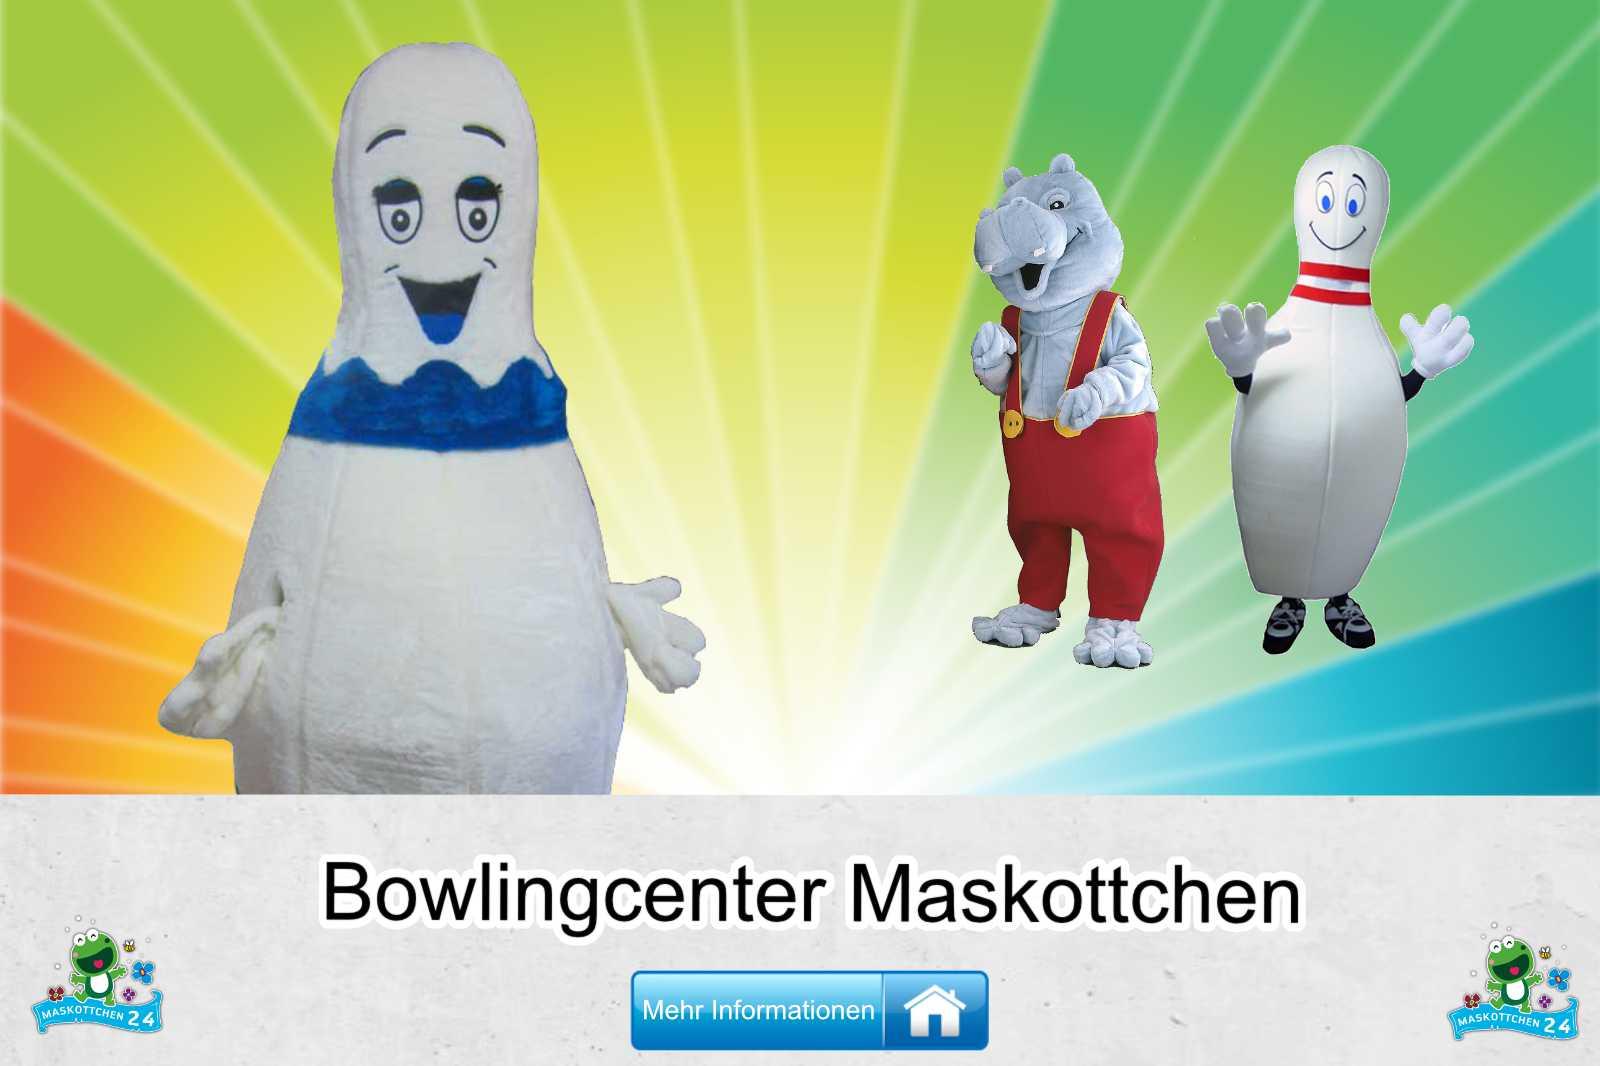 Bowlingcenter Kostüm kaufen, günstige Produktion / Herstellung